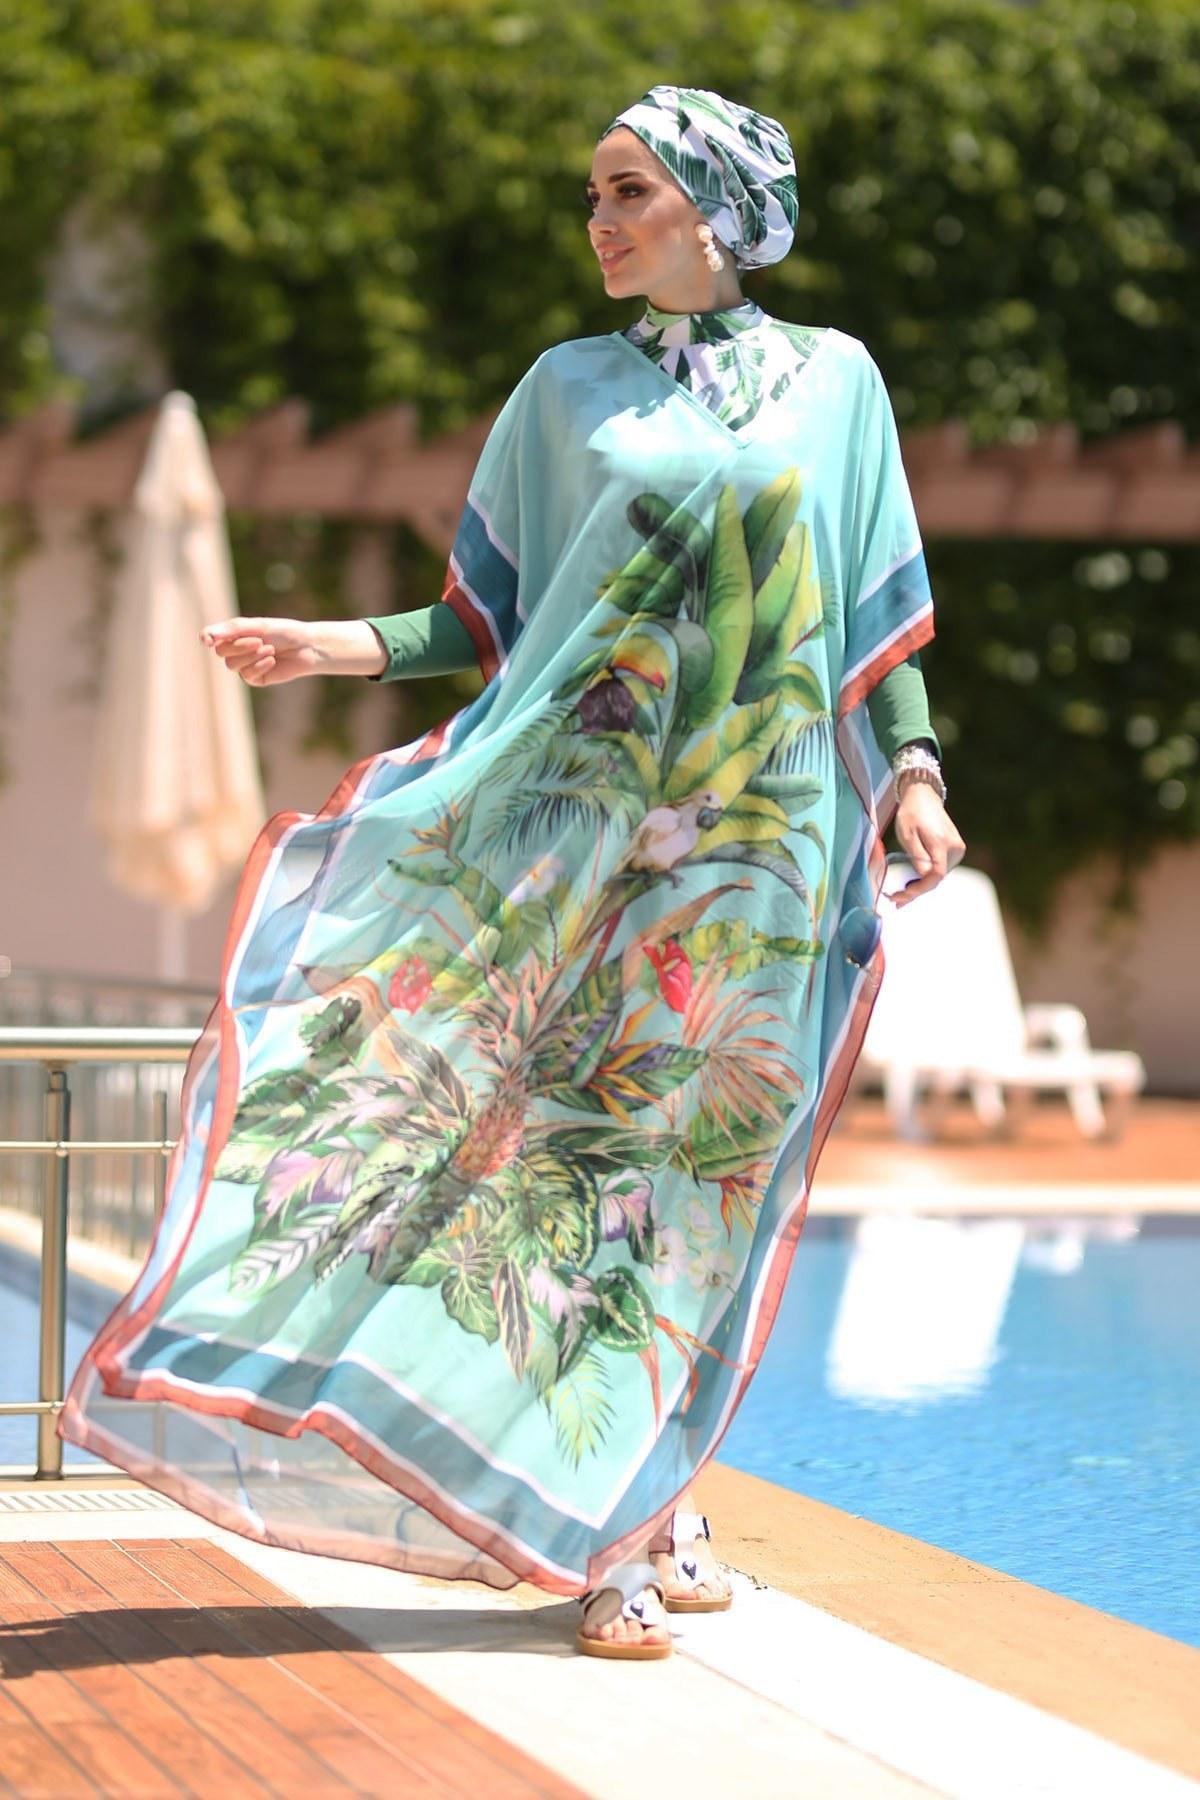 تصویر پیراهن ساحلی مایو اسلامی پوشیده خفاشی استوایی تک نفره طرحدار بروی برند Remsa Mayo کد 1622219117